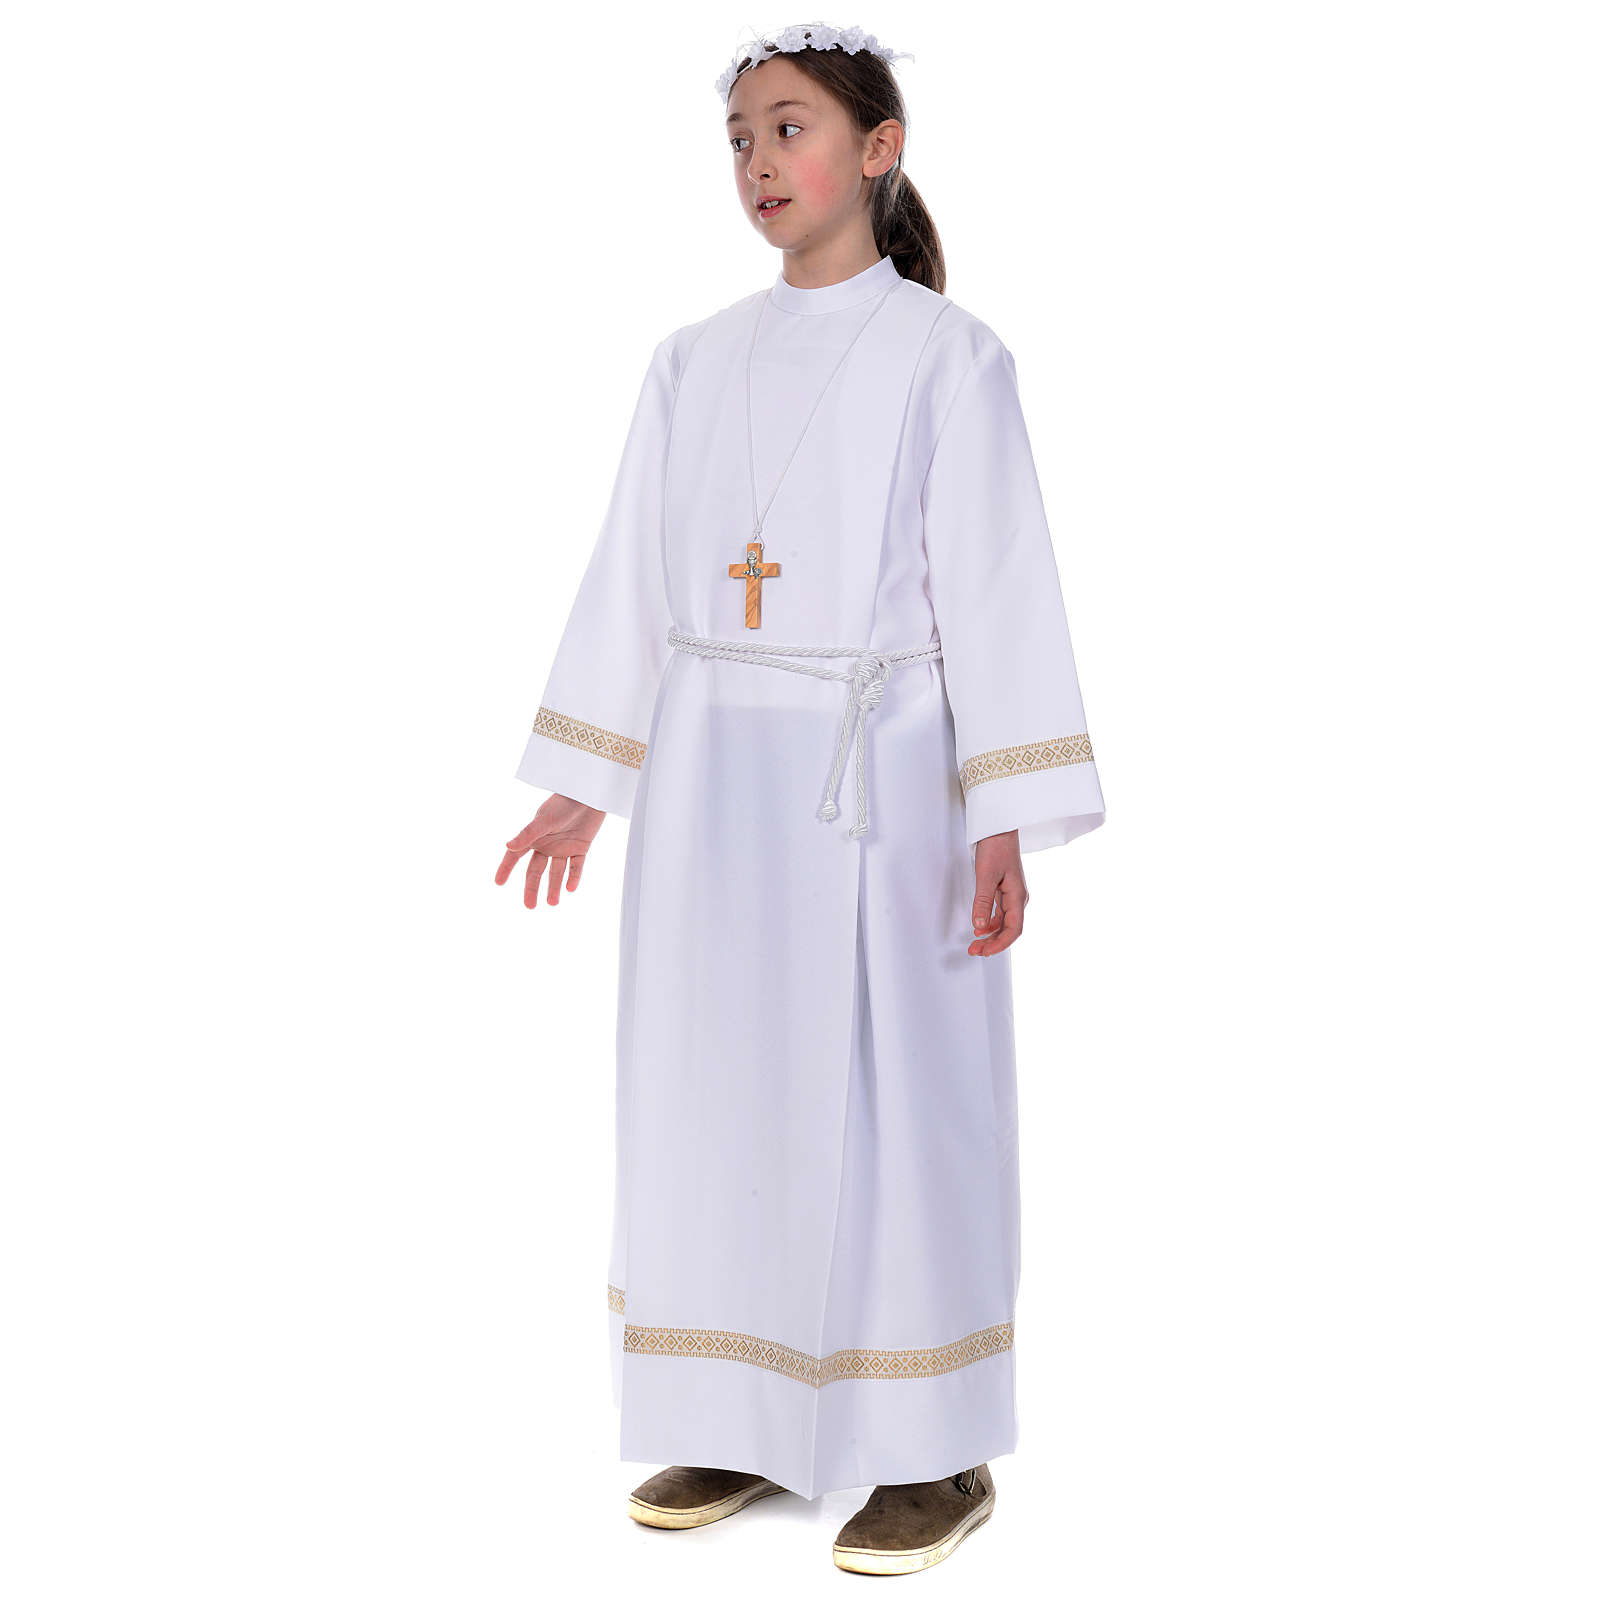 Vestido con escapulario, Primera Comunión 4